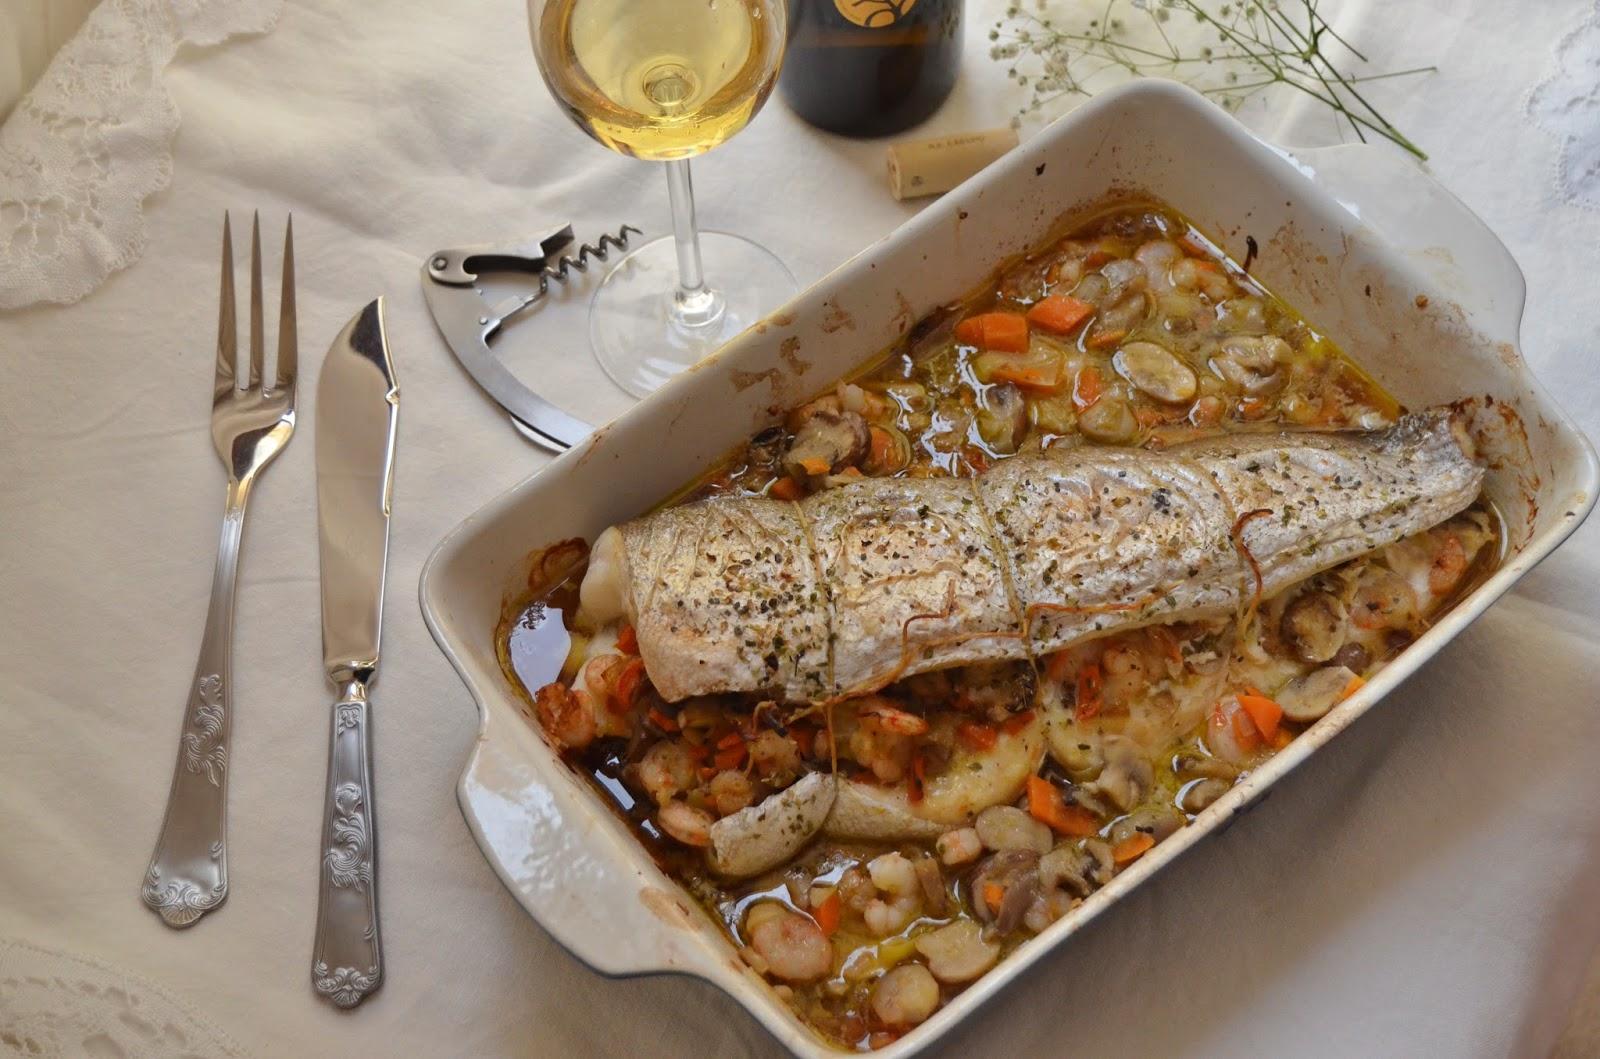 Merluza rellena al horno cuchillito y tenedor for Merluza rellena al horno